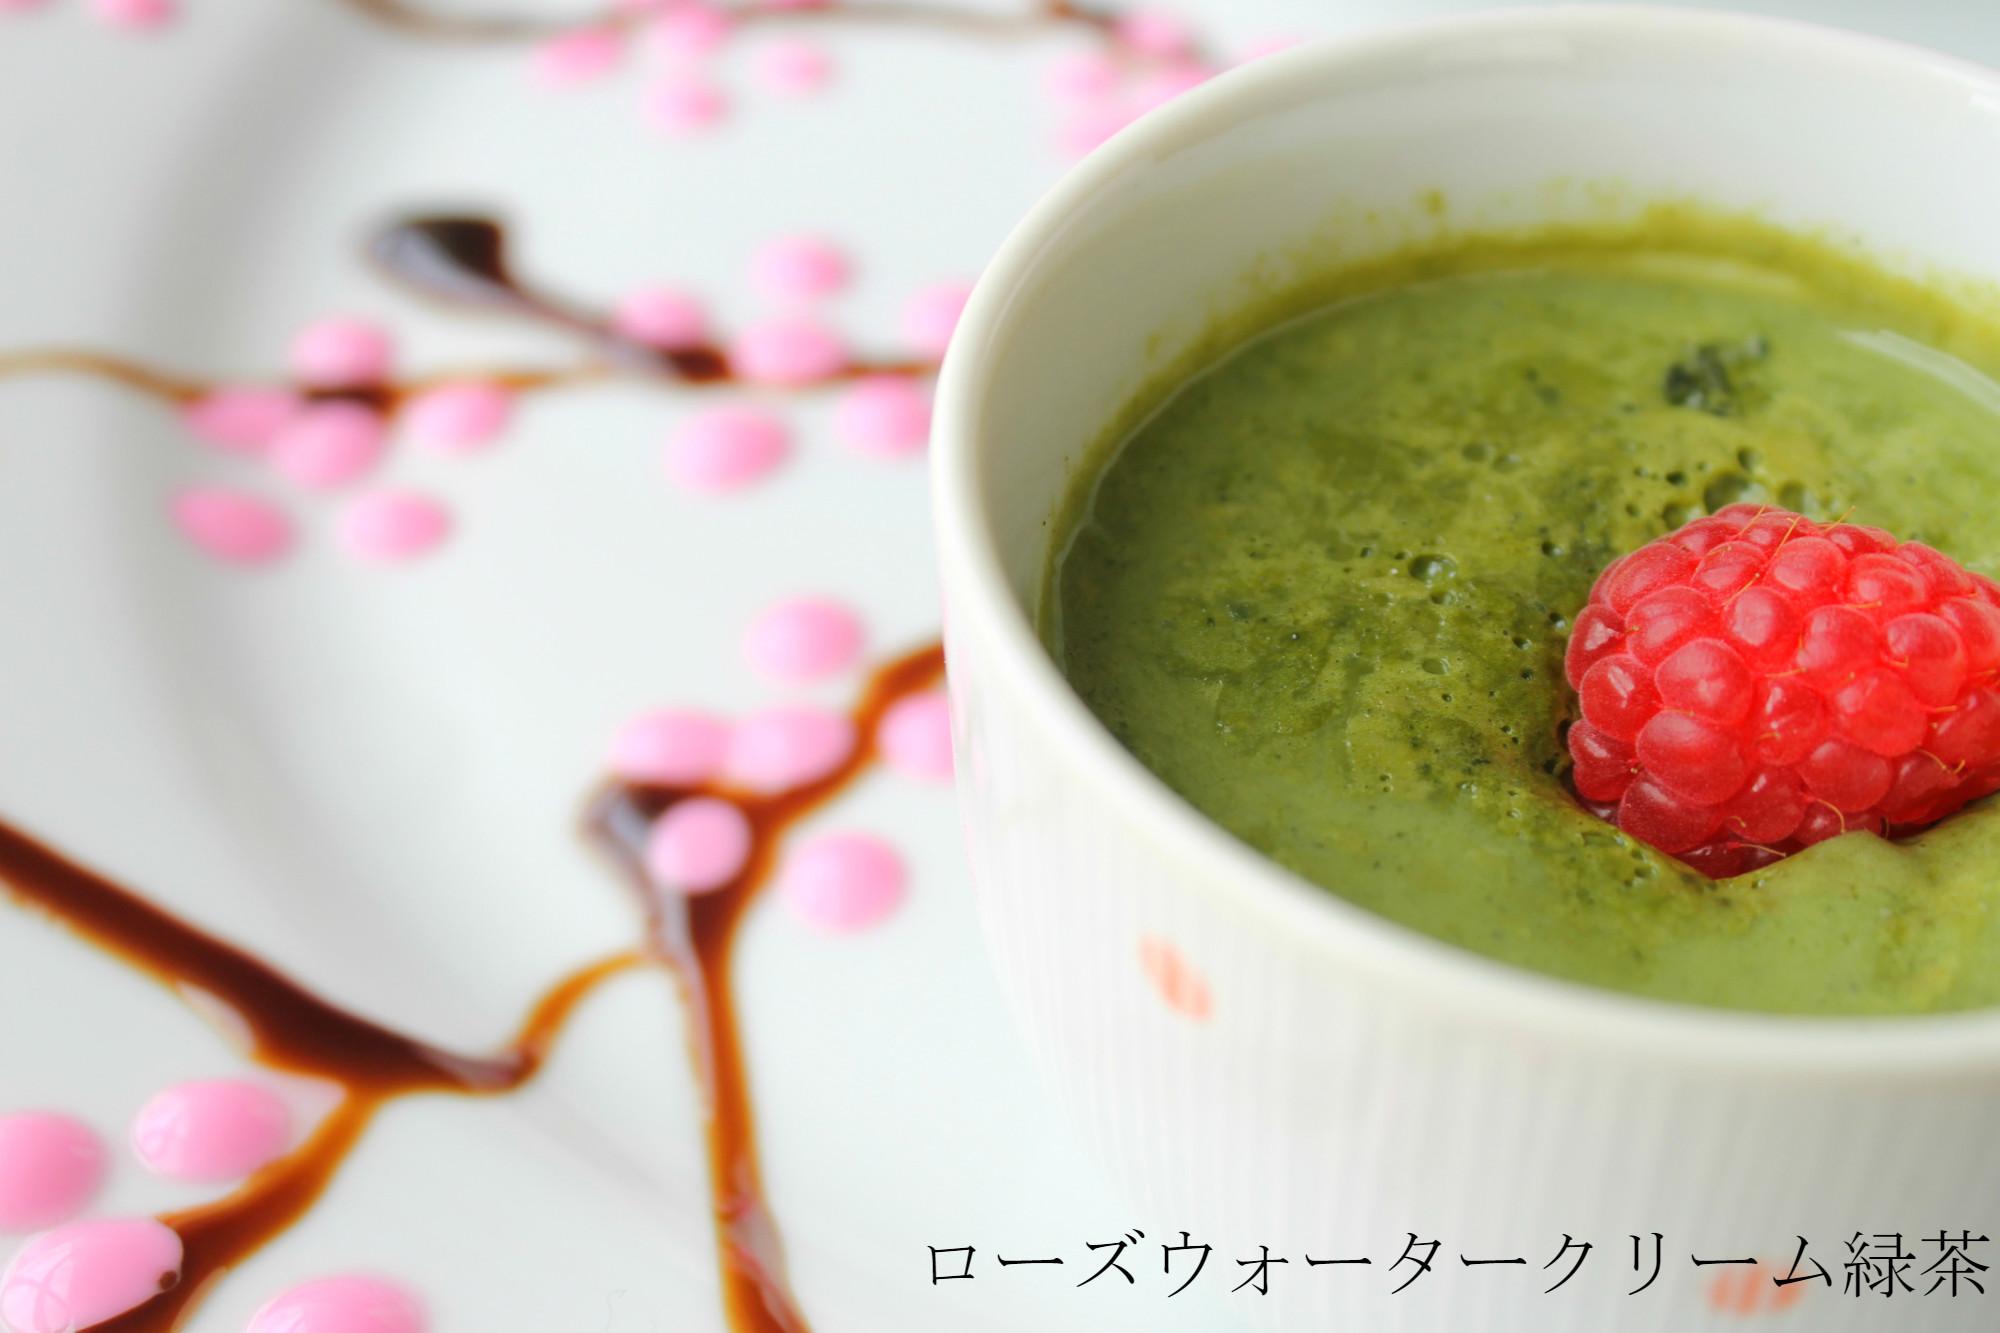 バラ水クリーム緑茶 (Rosewater crème green tea)